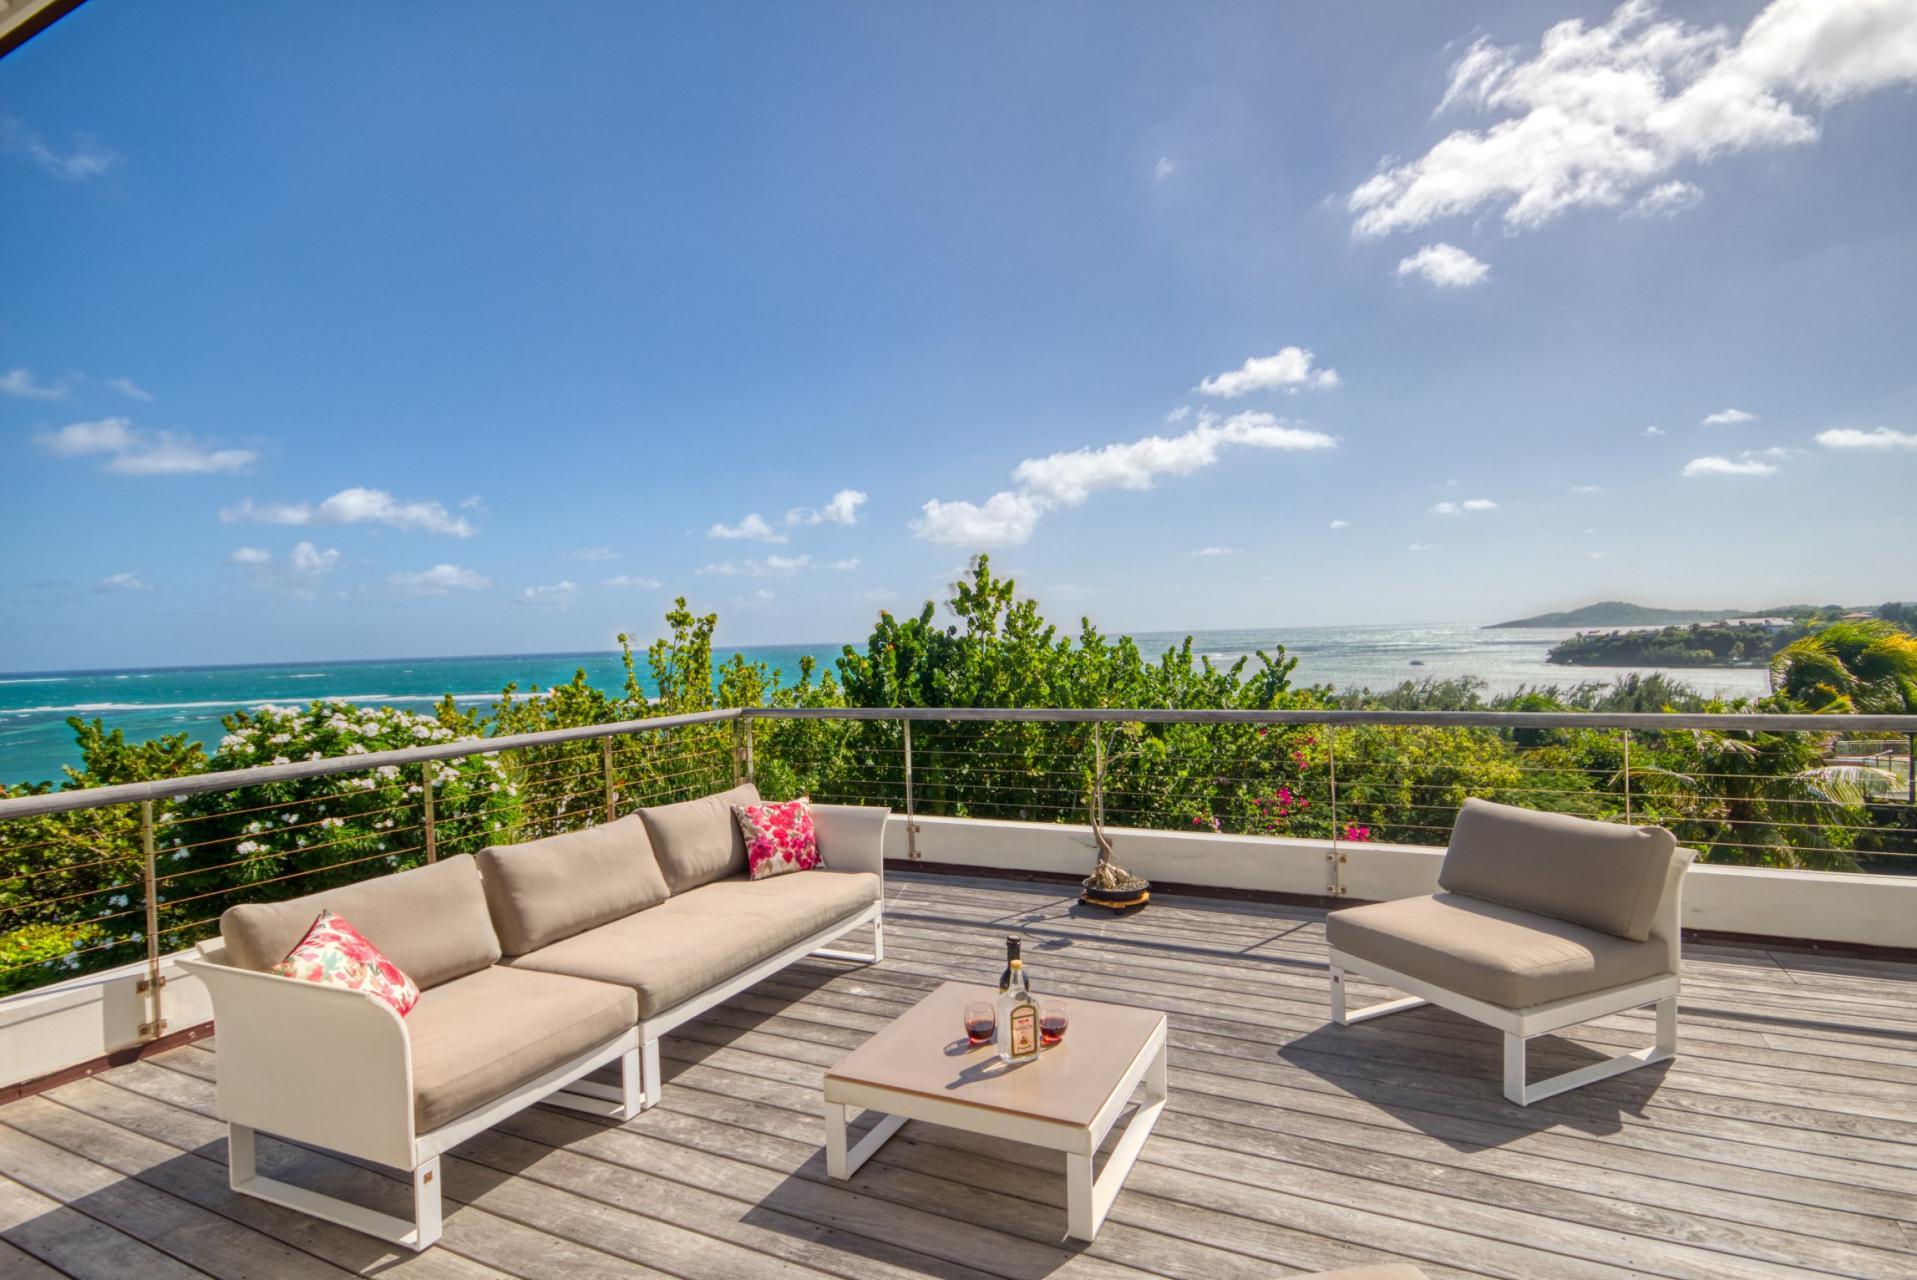 location villa de luxe en martinique pour 10 personnes